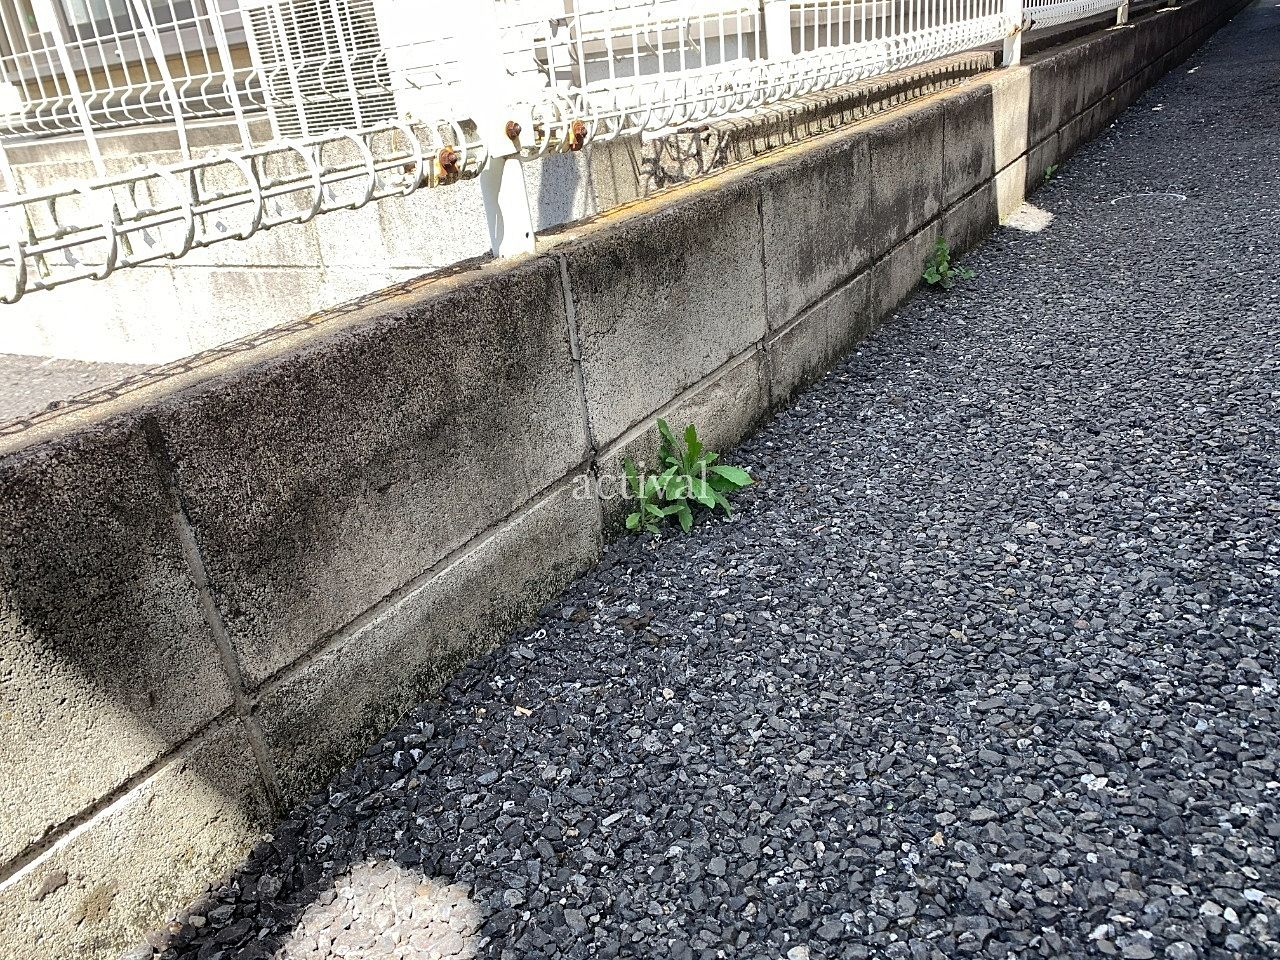 ア・ス・ヴェルデ敷地内に生えた雑草です。